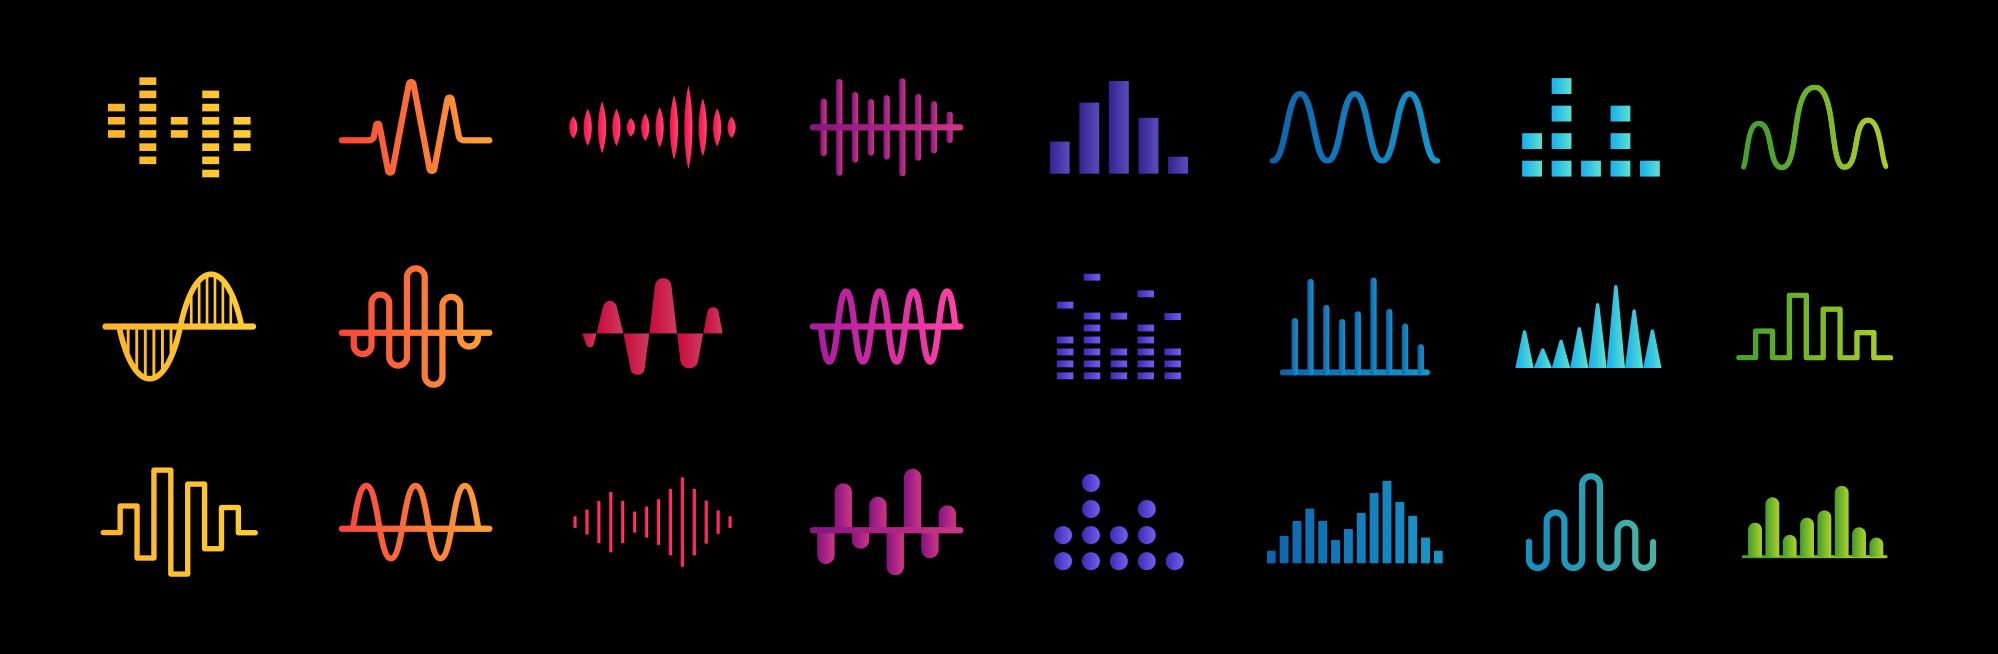 Il suono vibrazione e frequenza